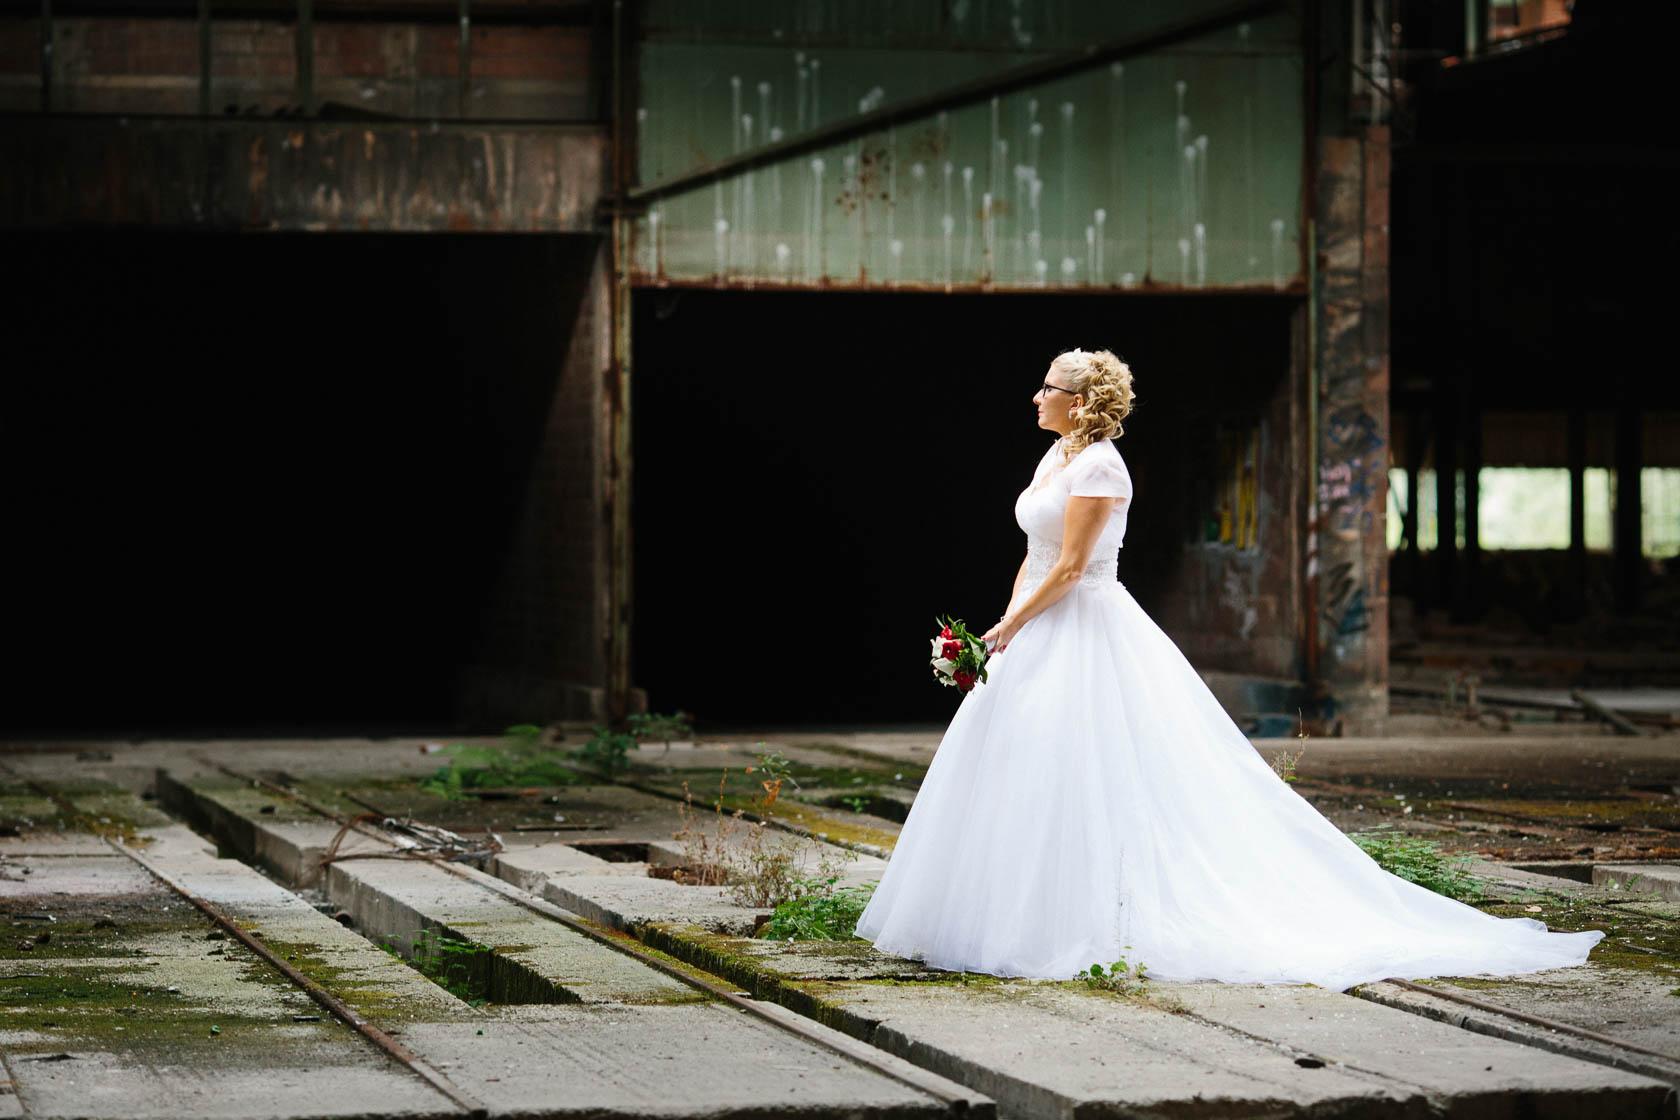 After Wedding Shoot Eileen und Christoph Hochzeitsfotos Alte Fabrik Raum Mannheim